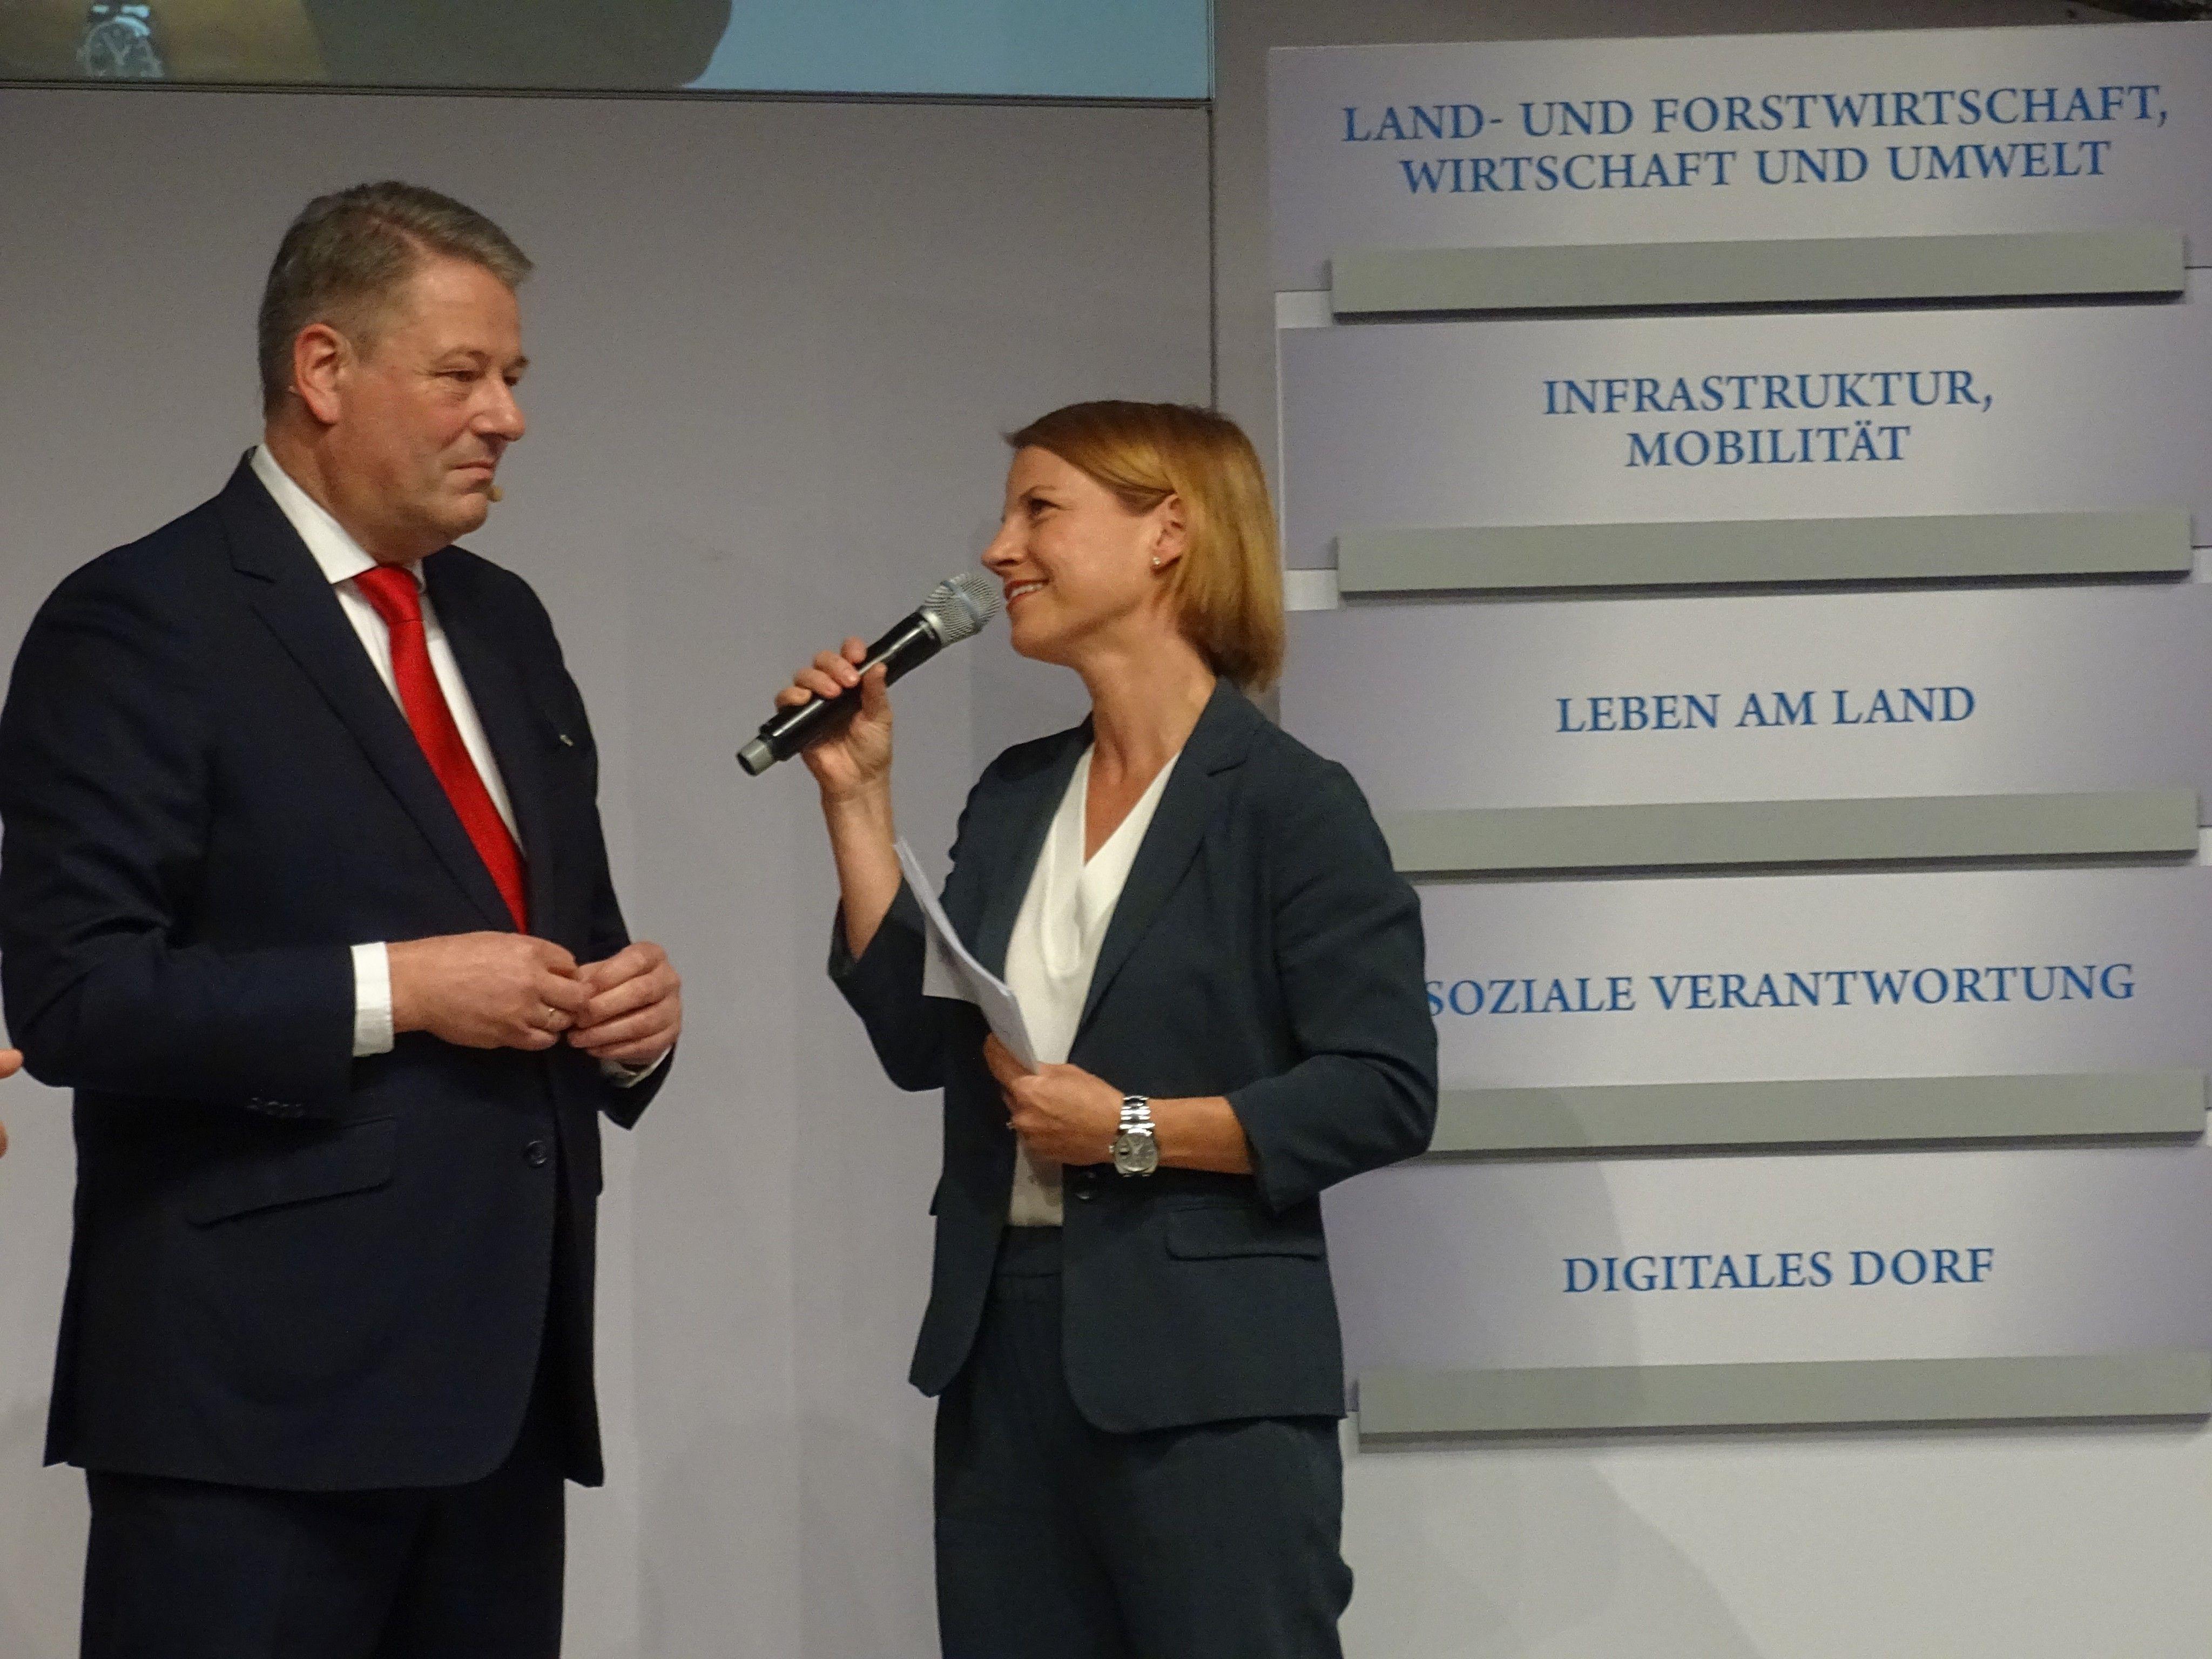 Bundesminister Andrä Rupprechter sieht in der Stärkung der ländlichen Regionen einen wesentlichen Schritt für die Zukunft Österreichs.